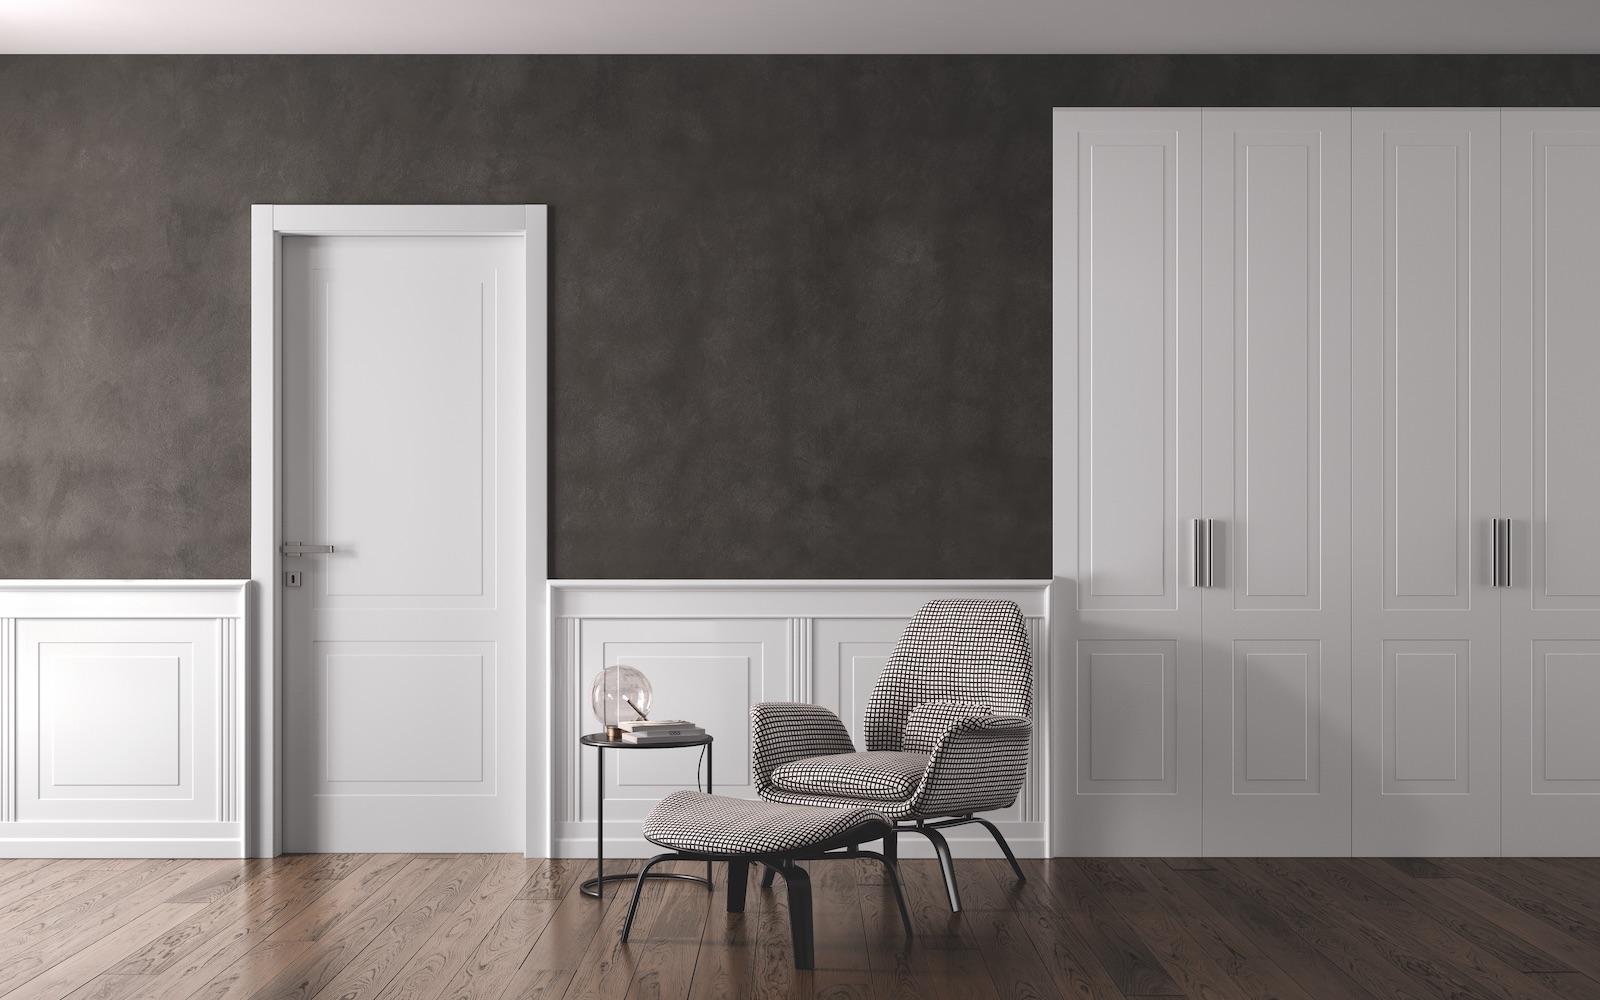 Porte laccate Miraquadra con parquet grigio - Garofoli